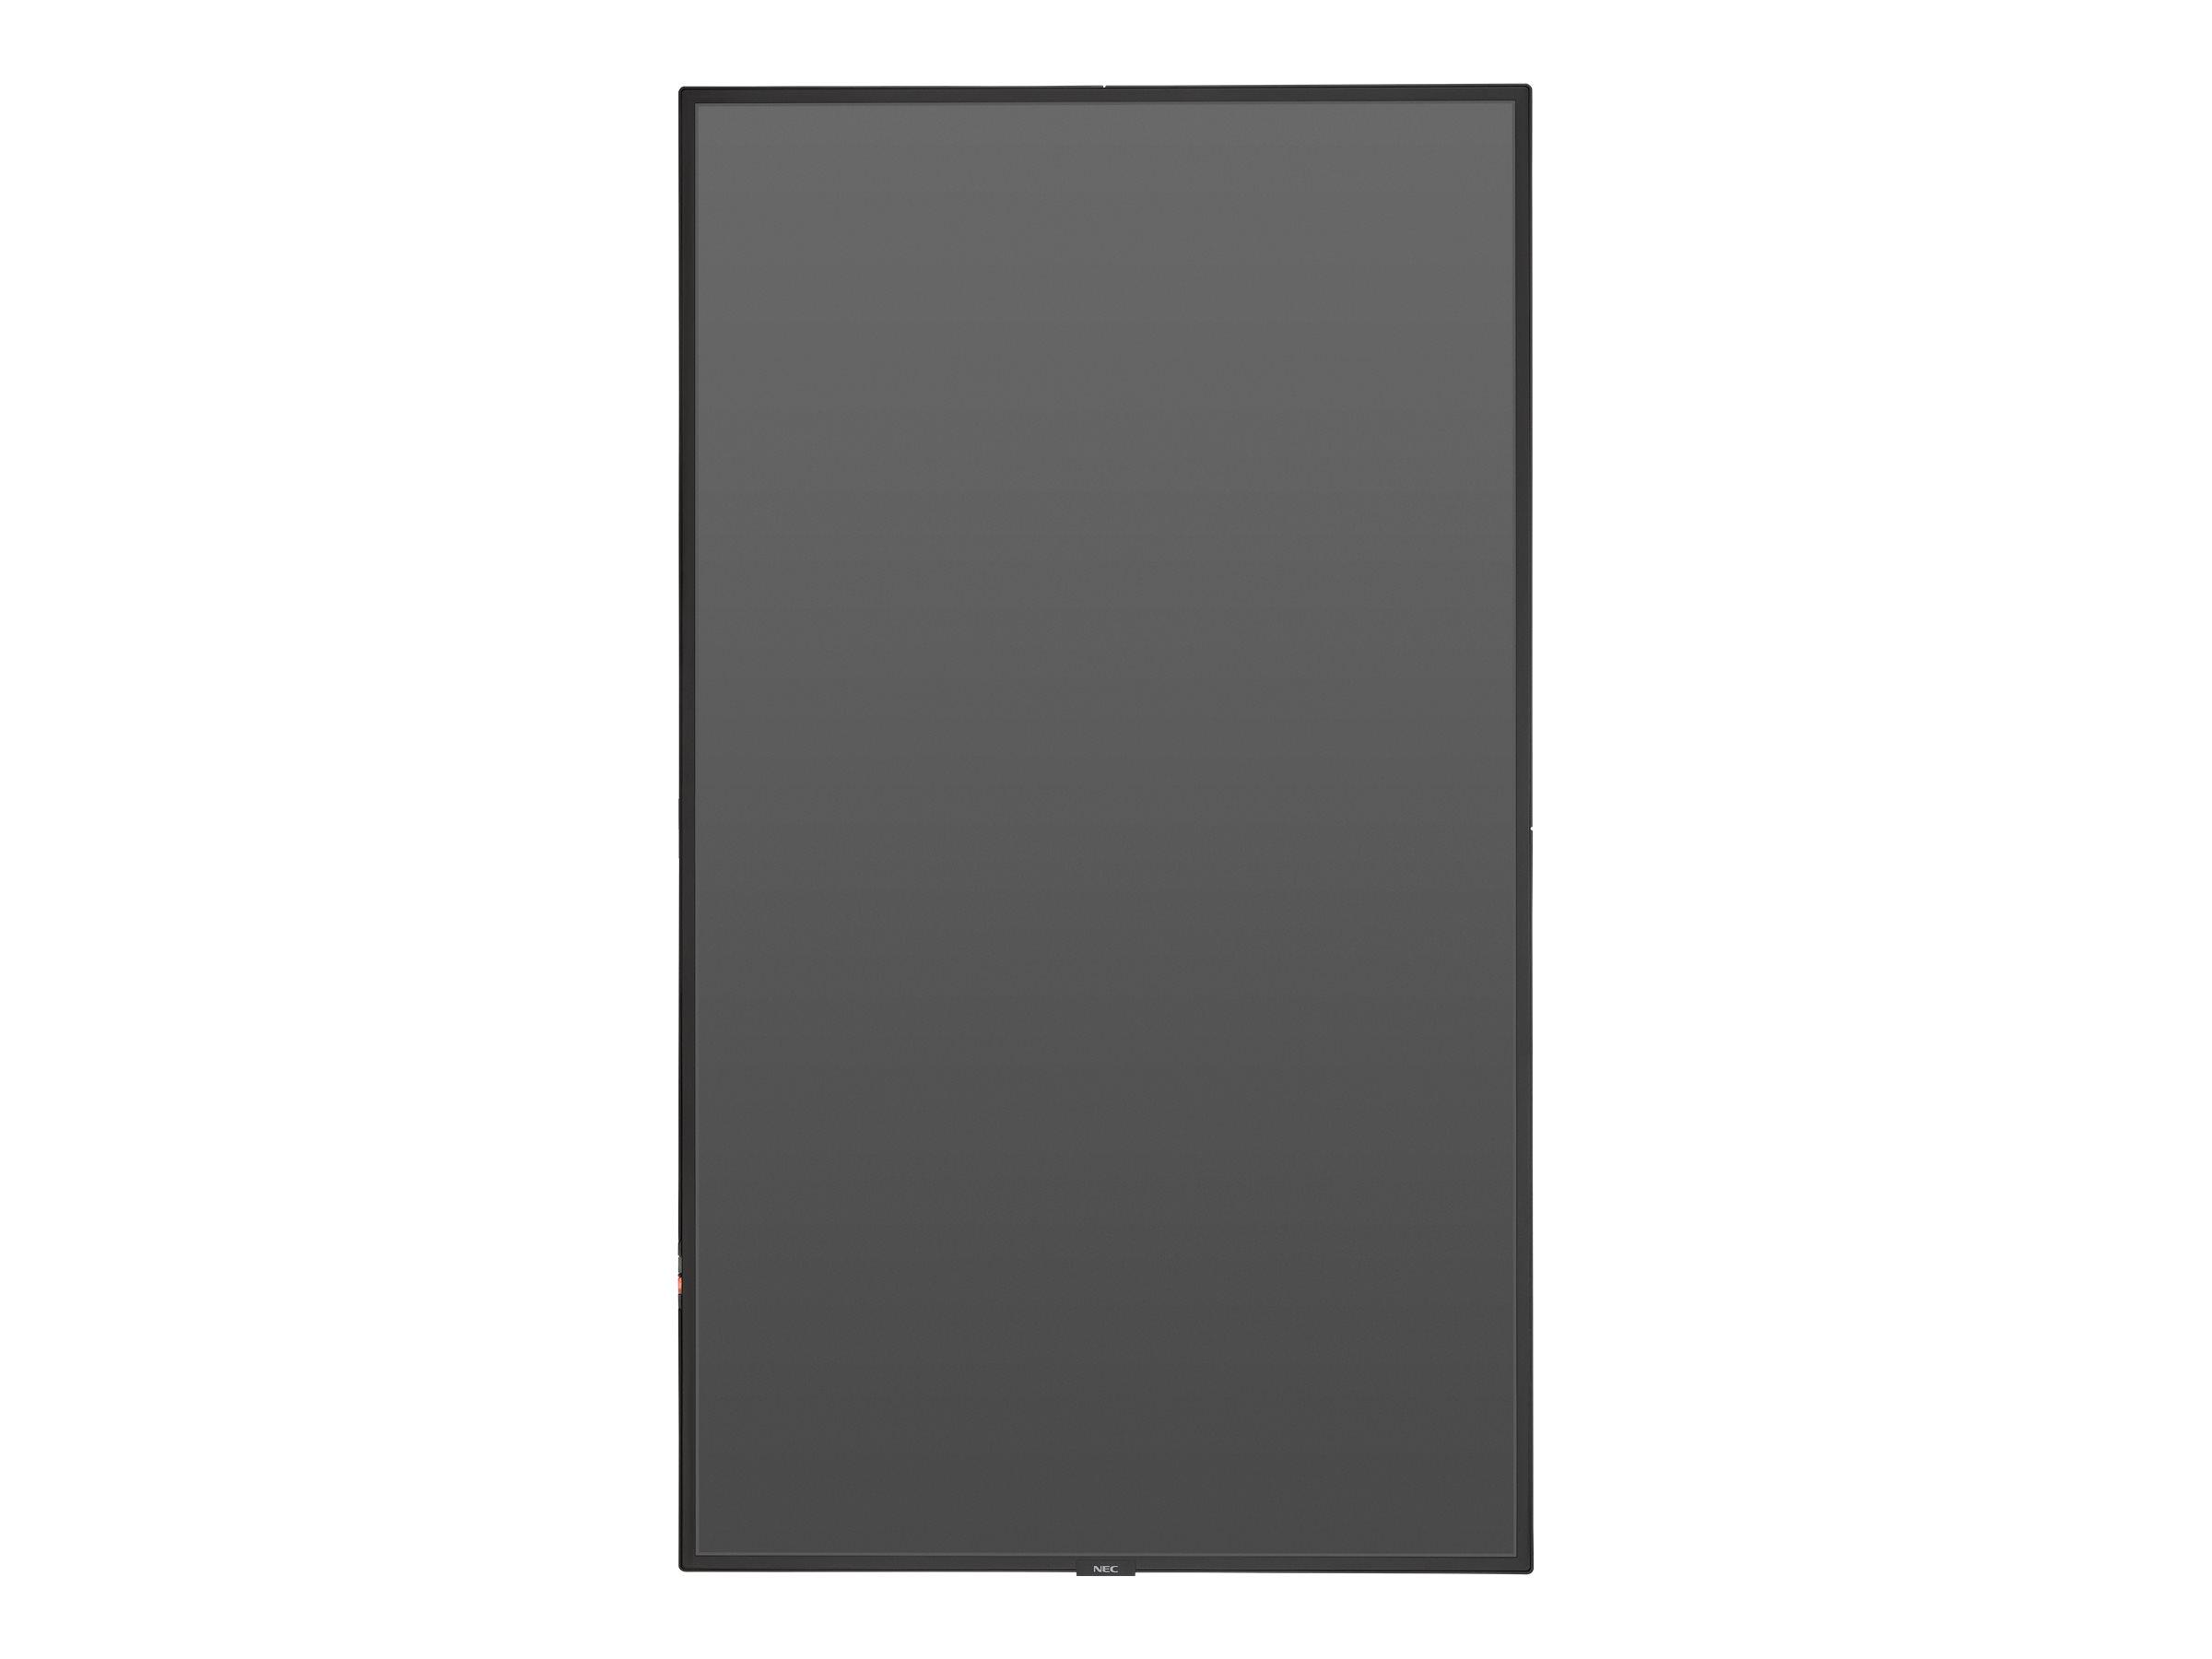 NEC MultiSync V484-RPi - 120.94 cm (48